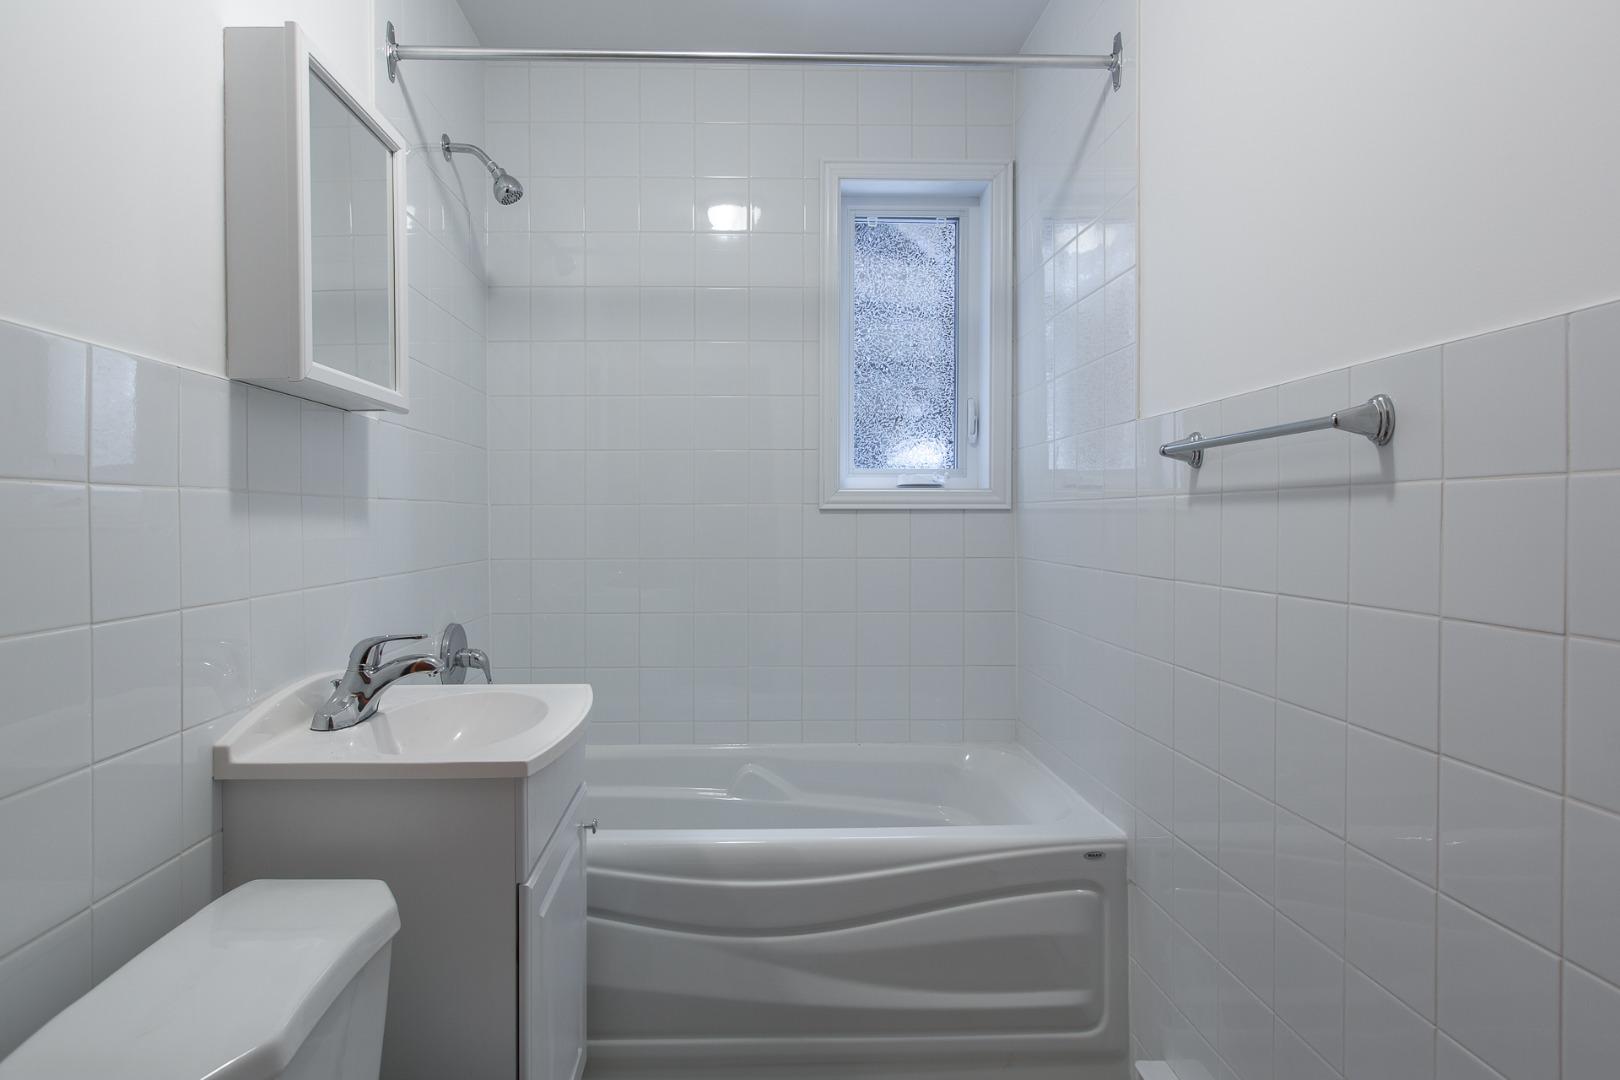 Duplex à vendre Montréal Mercier-Hochelaga-Maisonneuve - Salle de bain